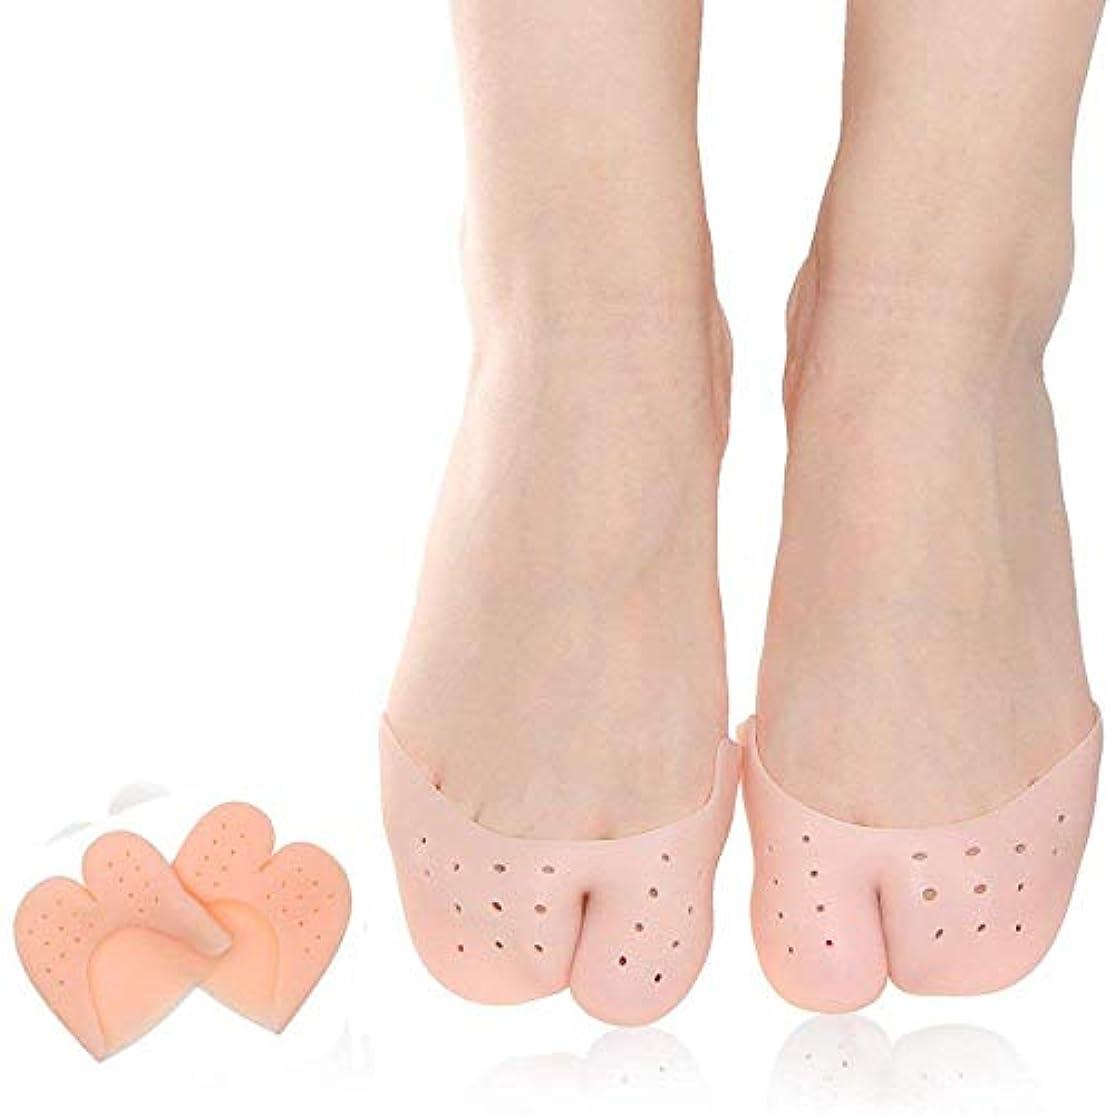 クーポン涙スクレーパー[Toe Glow] つま先保護カバー 足指 サポーター パッド 肌色